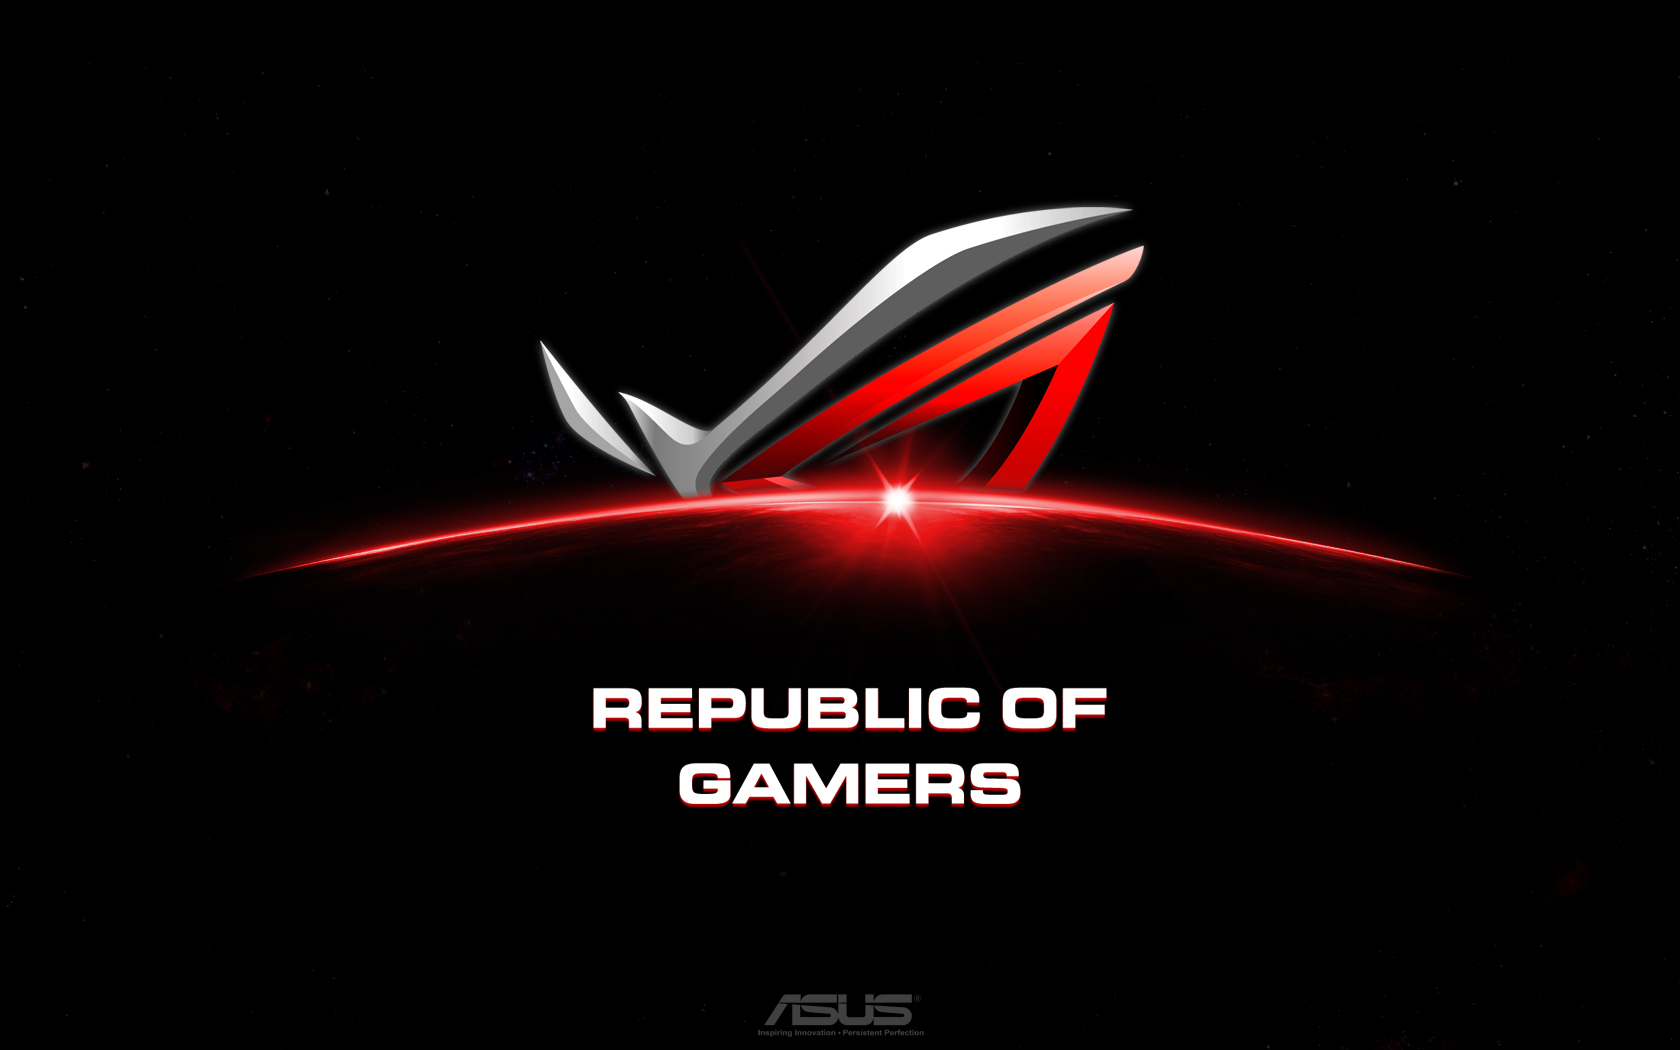 ASUS RoG WAll Gamer par zakos 1680x1050